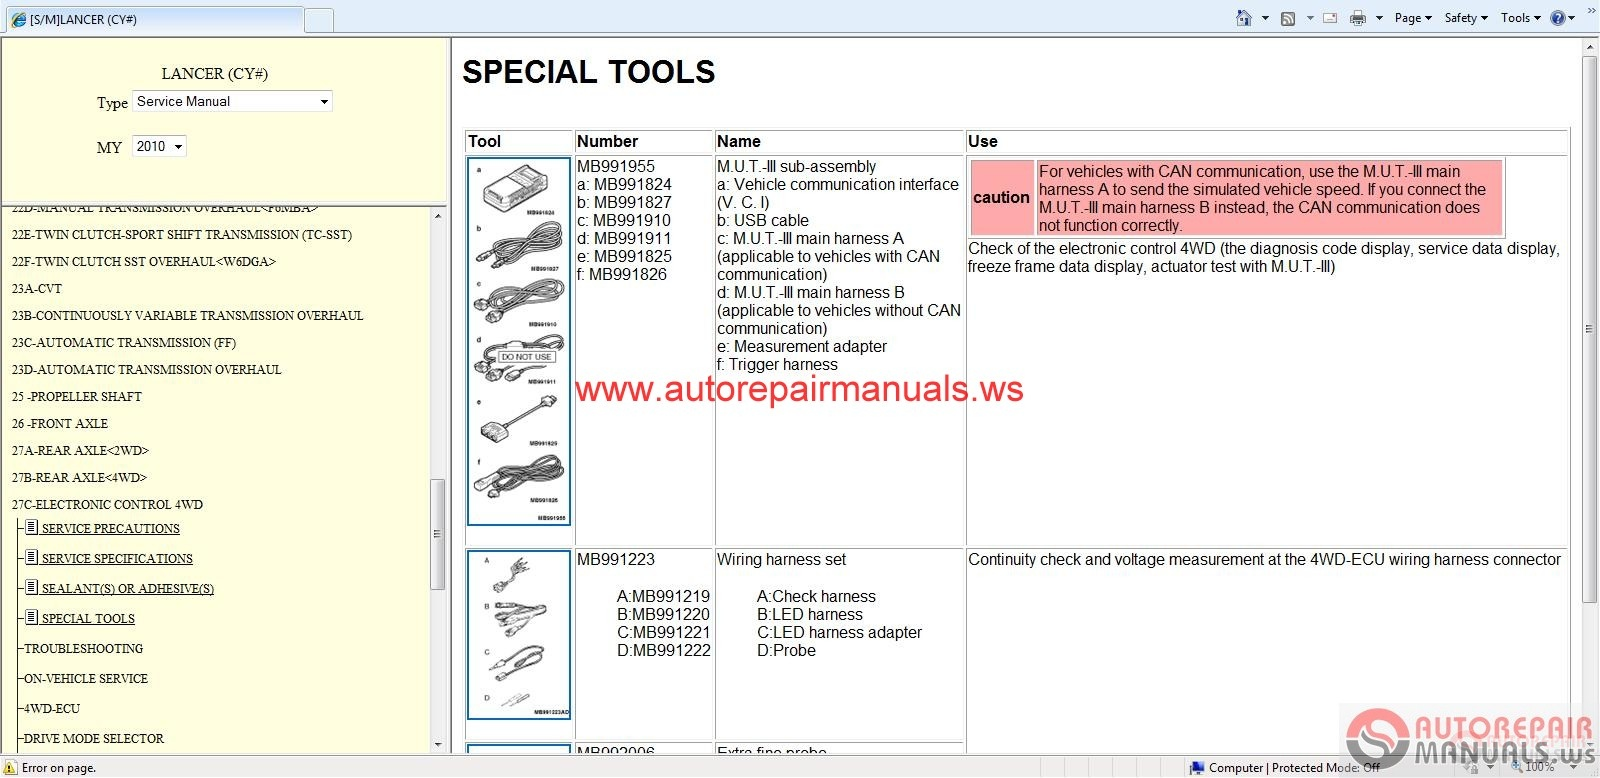 Mitsubishi Lancer 2010 Service Manual